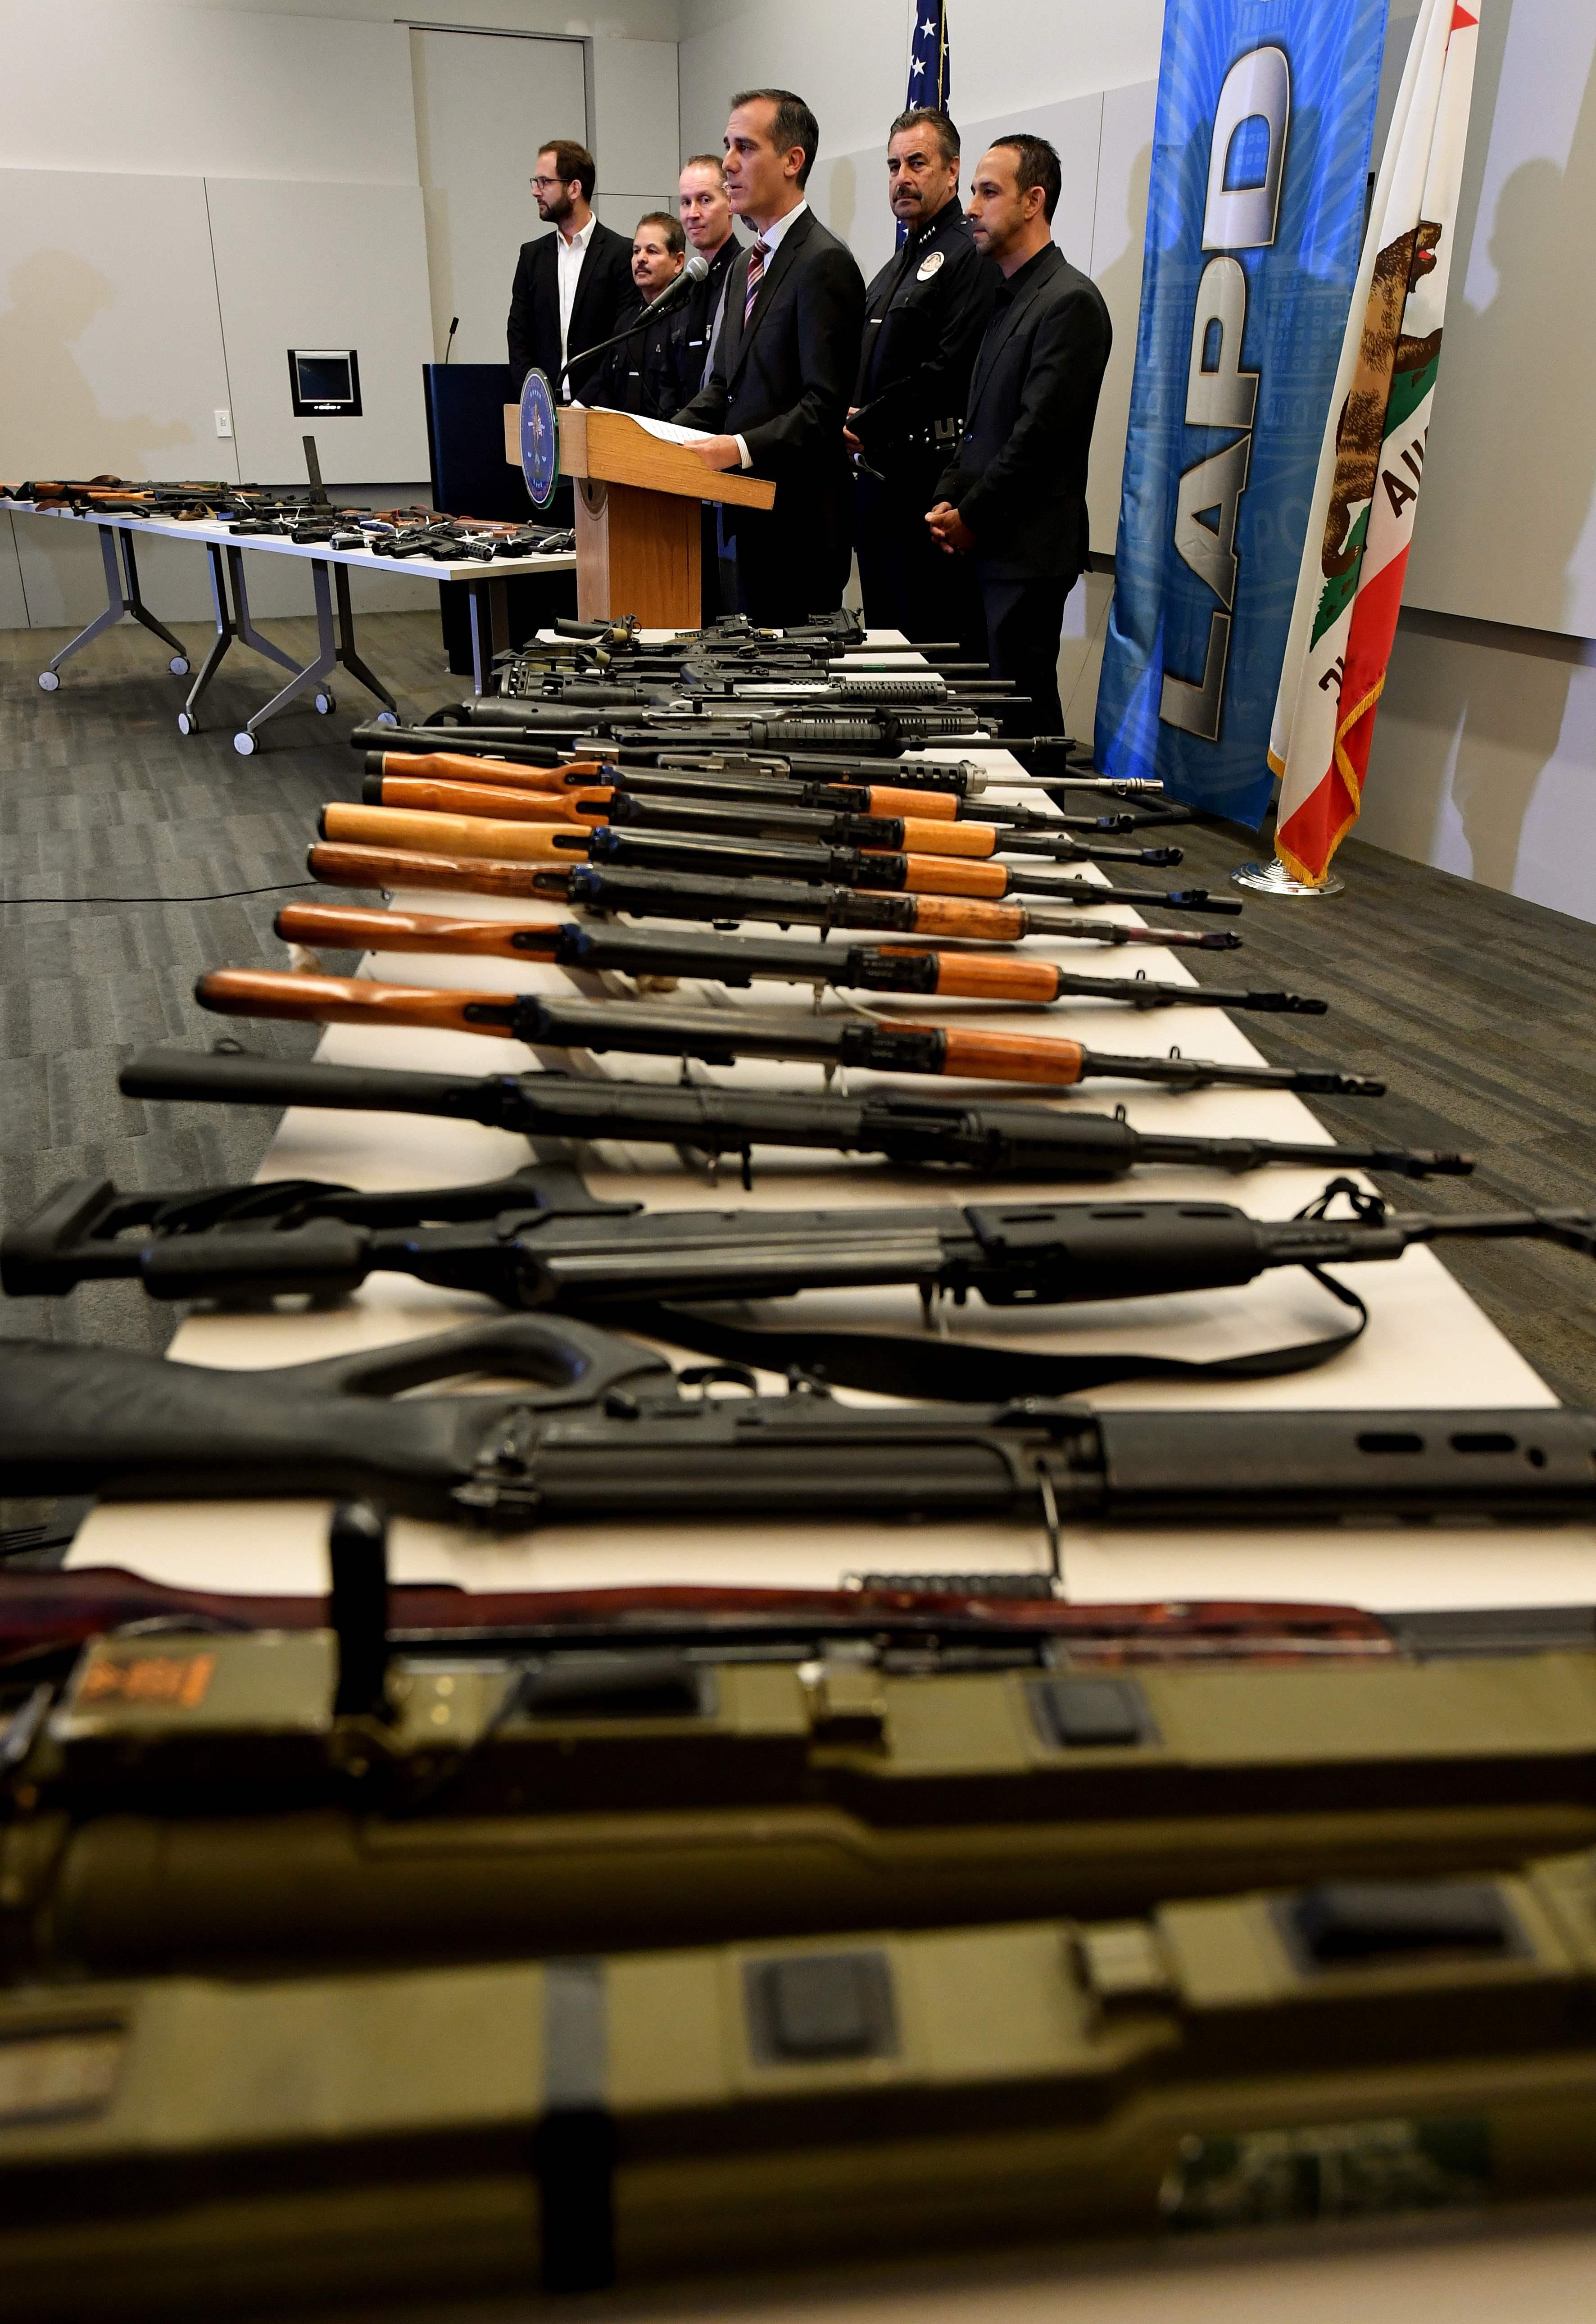 شرطة لوس أنجلوس تشترى الأسلحة من المواطنين بهدف مكافحة الجريمة